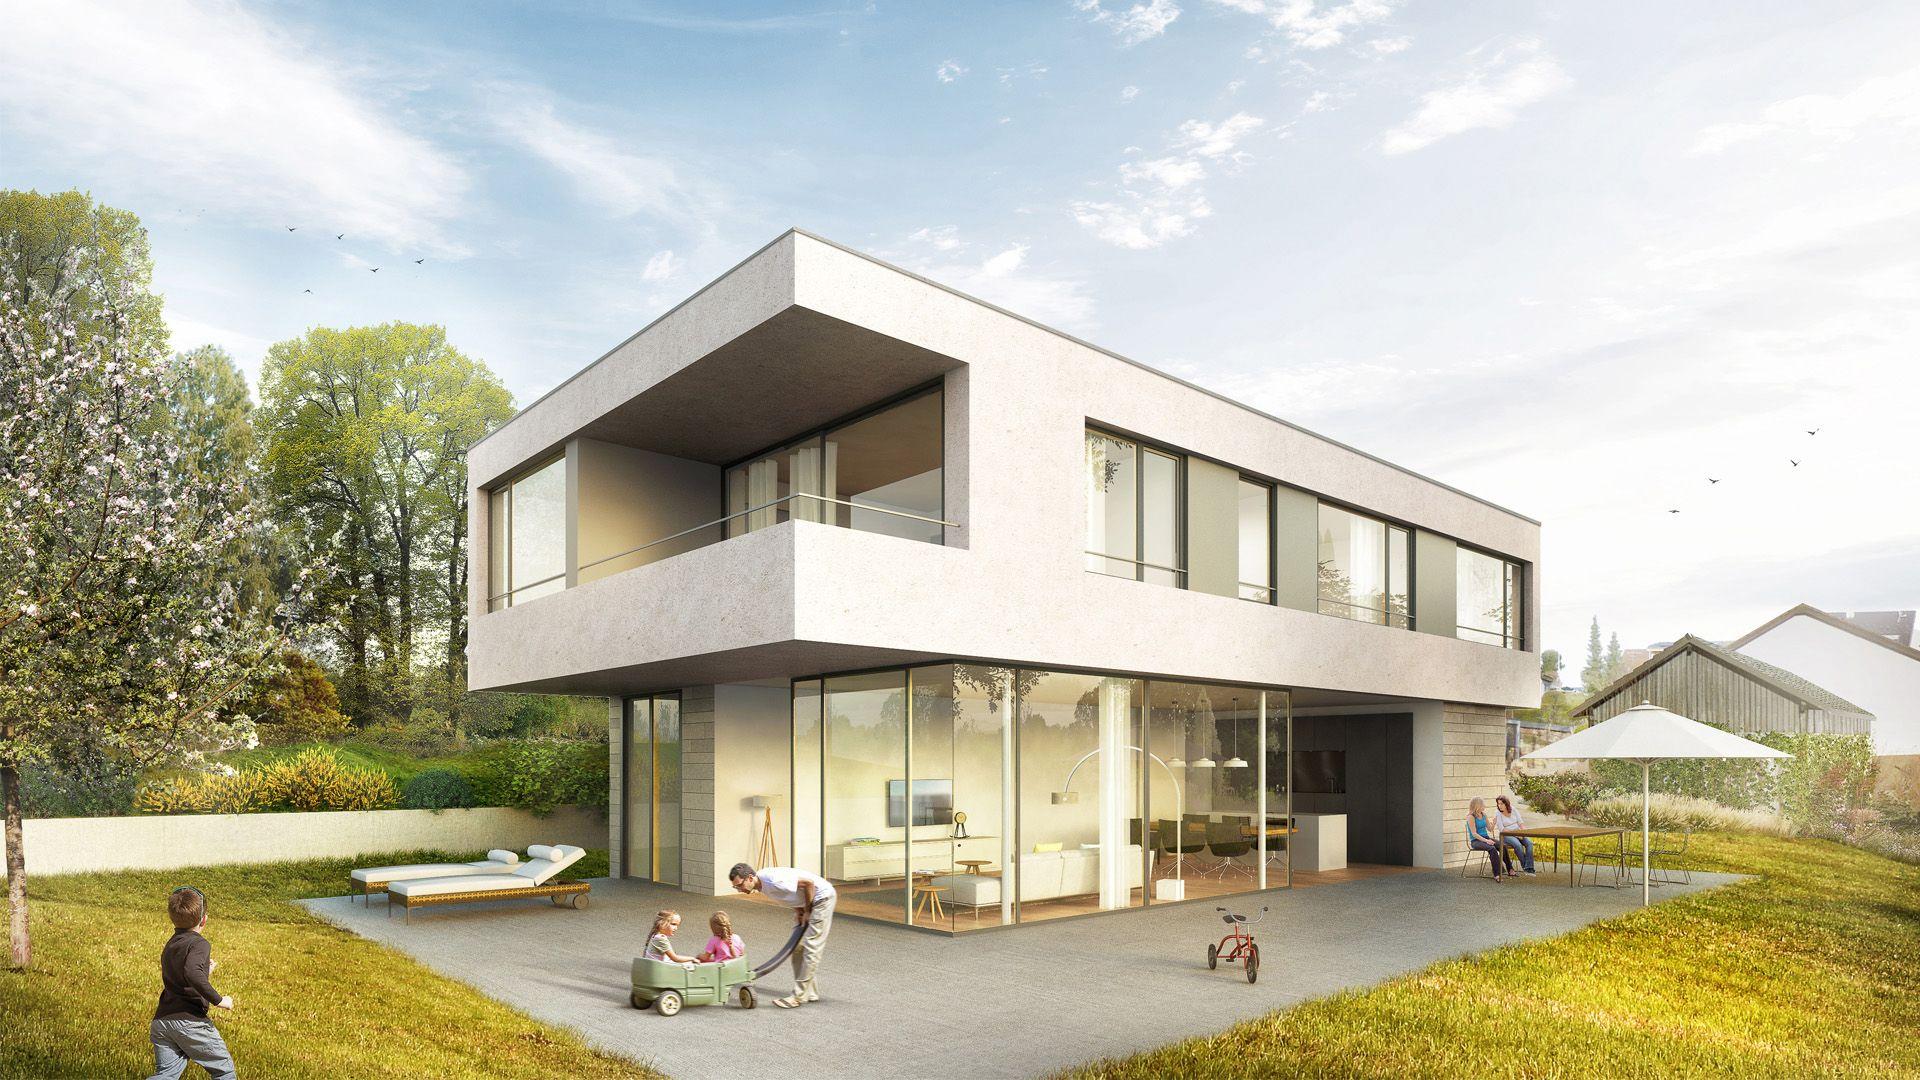 zweib Architekt Neuweiler | Haus planen | Architektenhaus ...